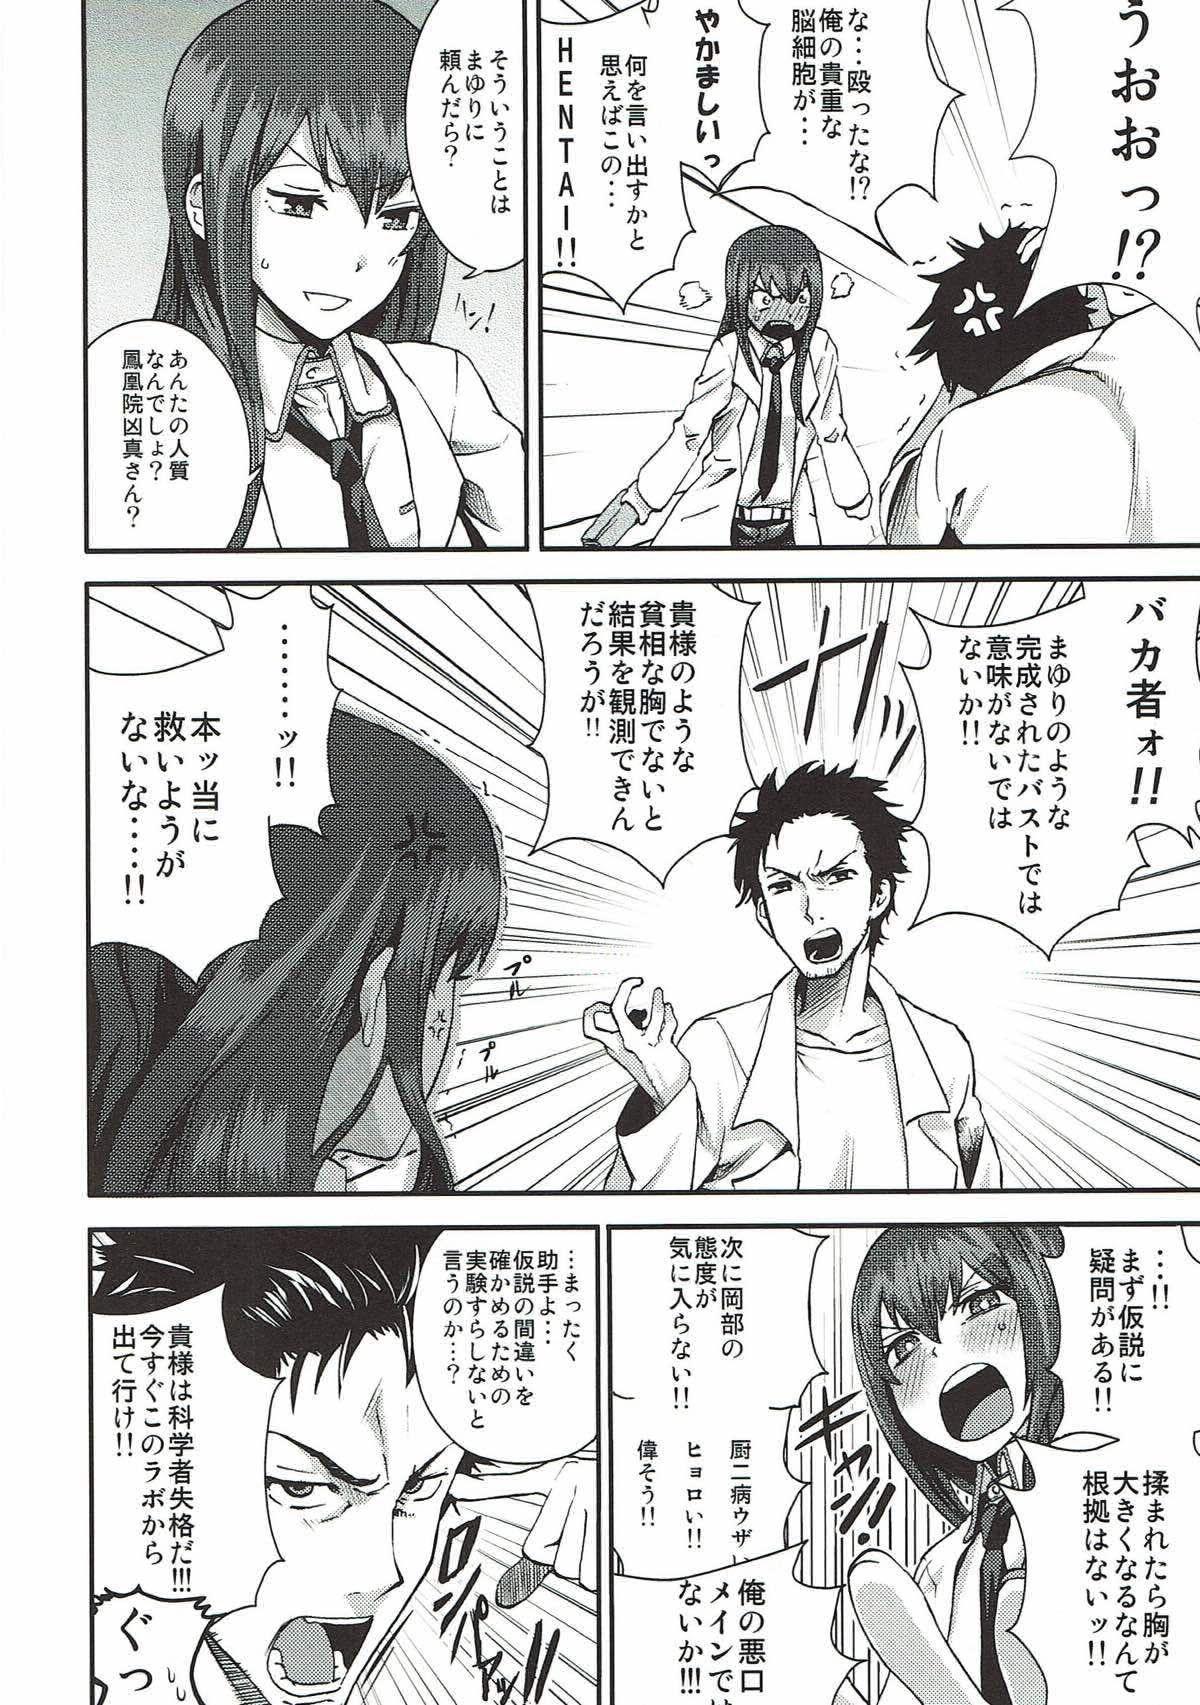 A, Anta no Gelbana ga Hoshii tte Itten no! 19